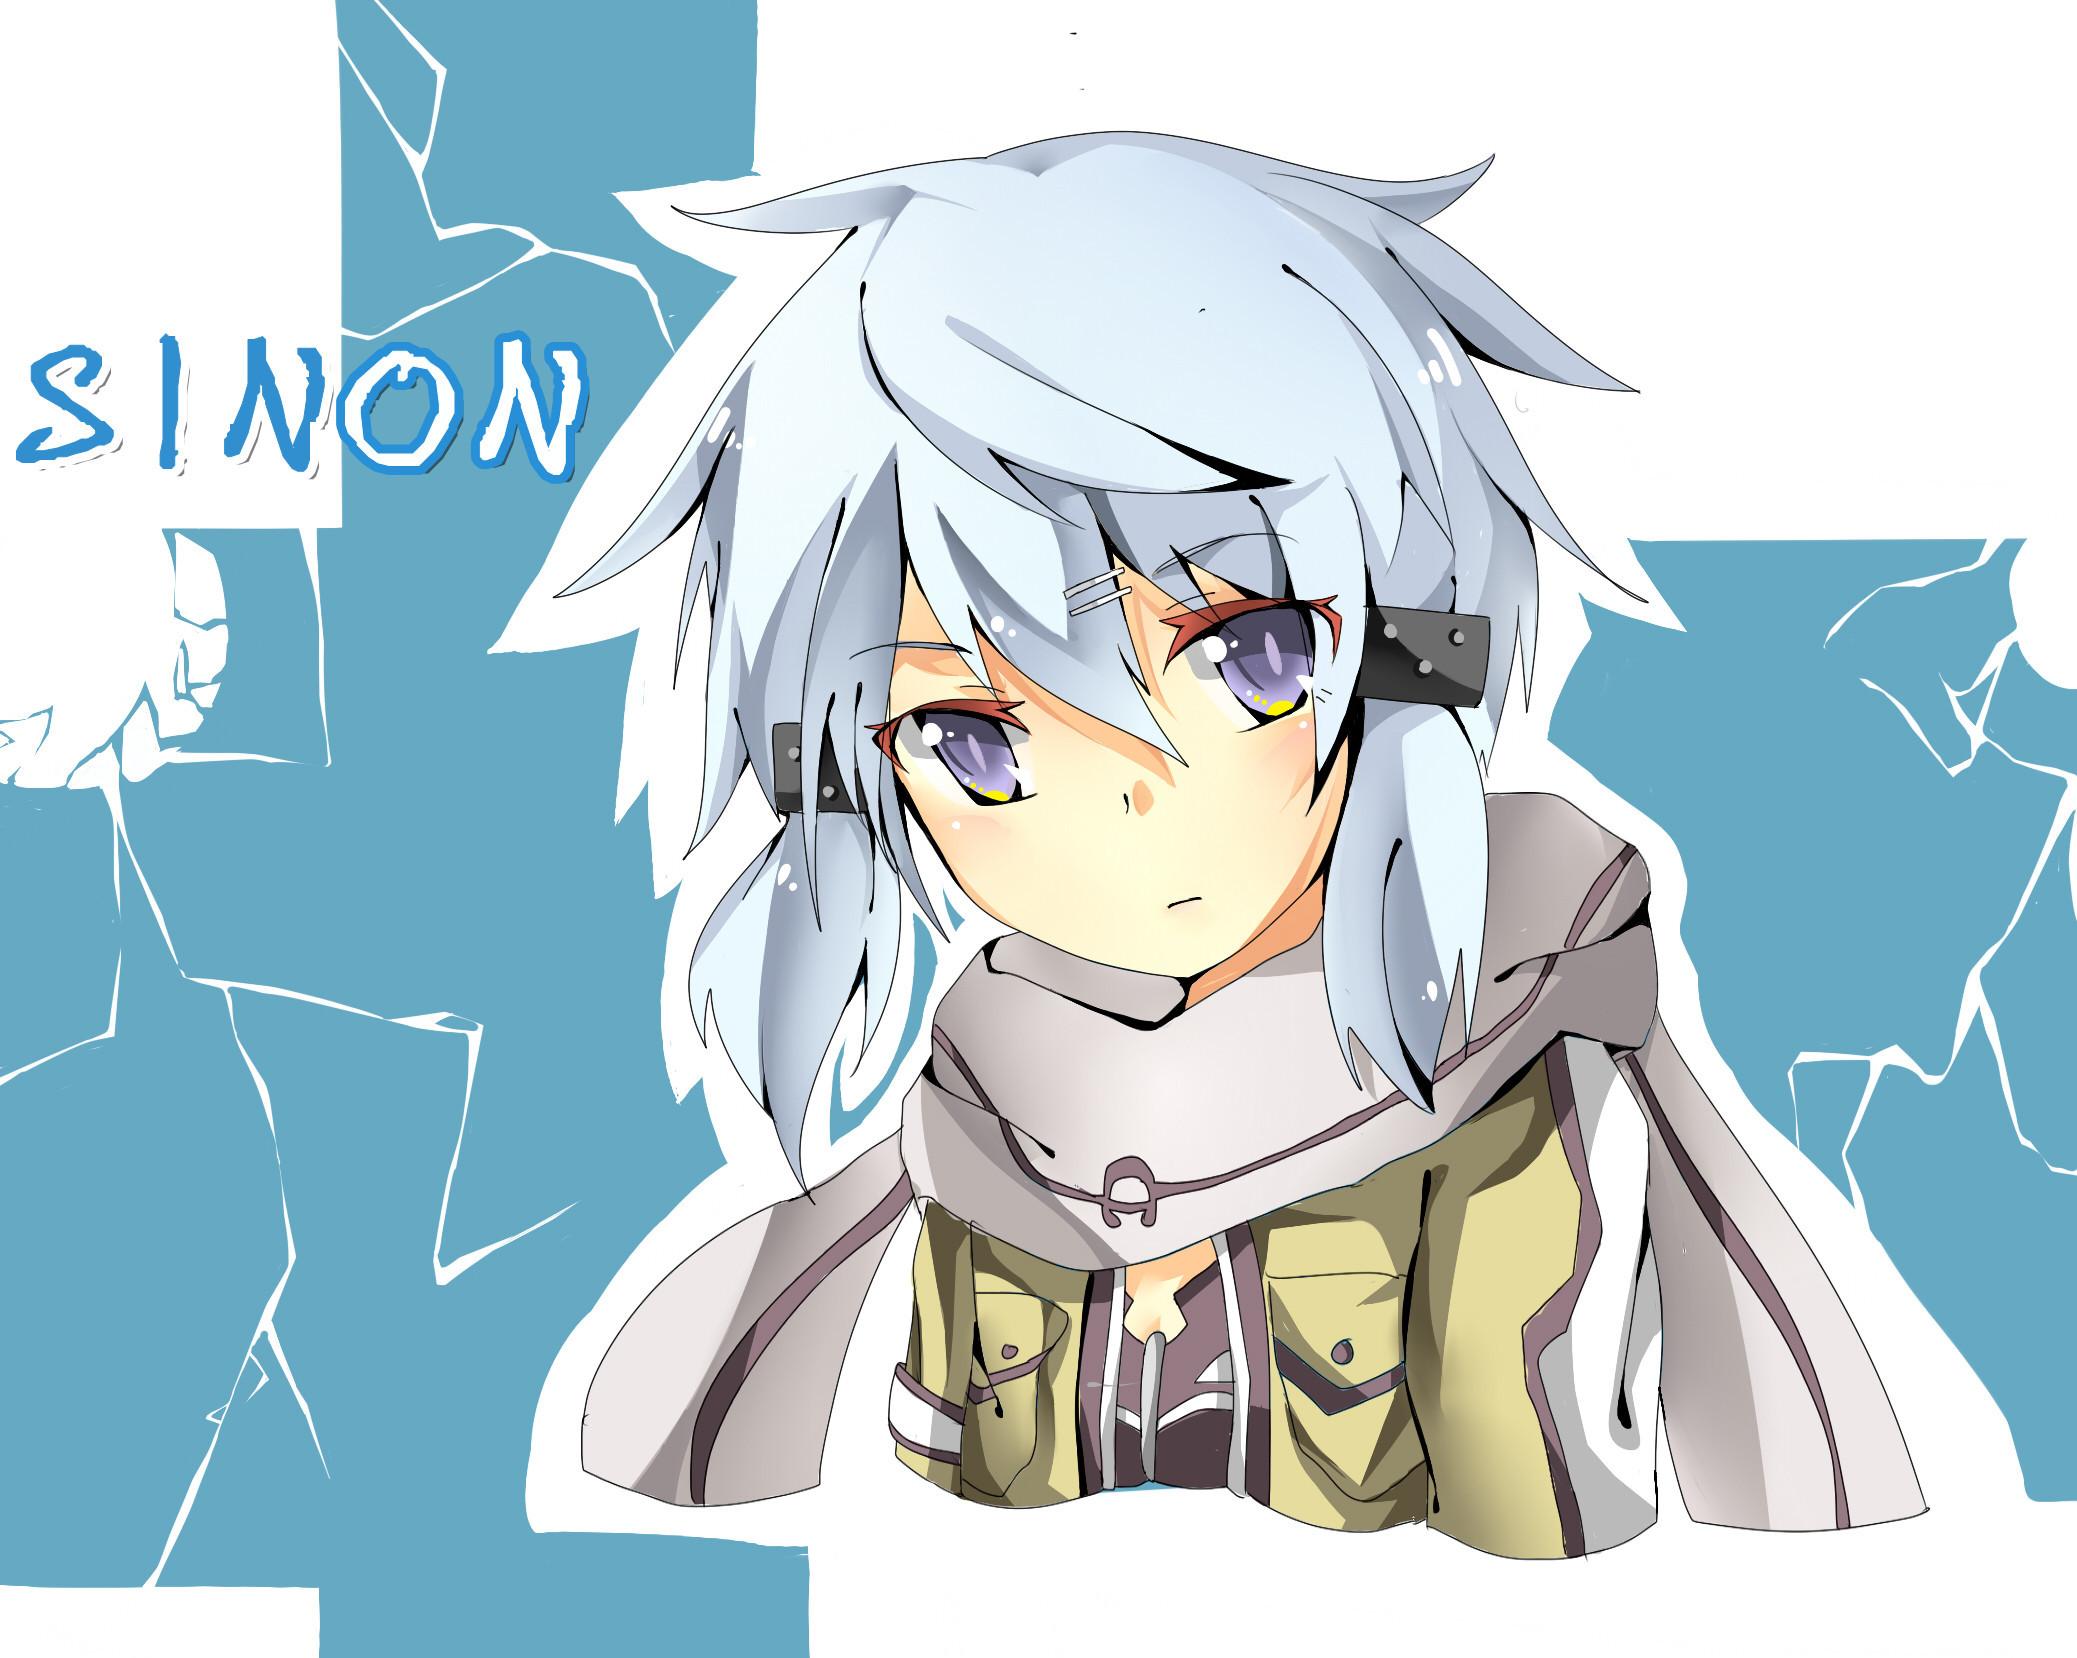 Sinon (GGO) download Sinon (GGO) image